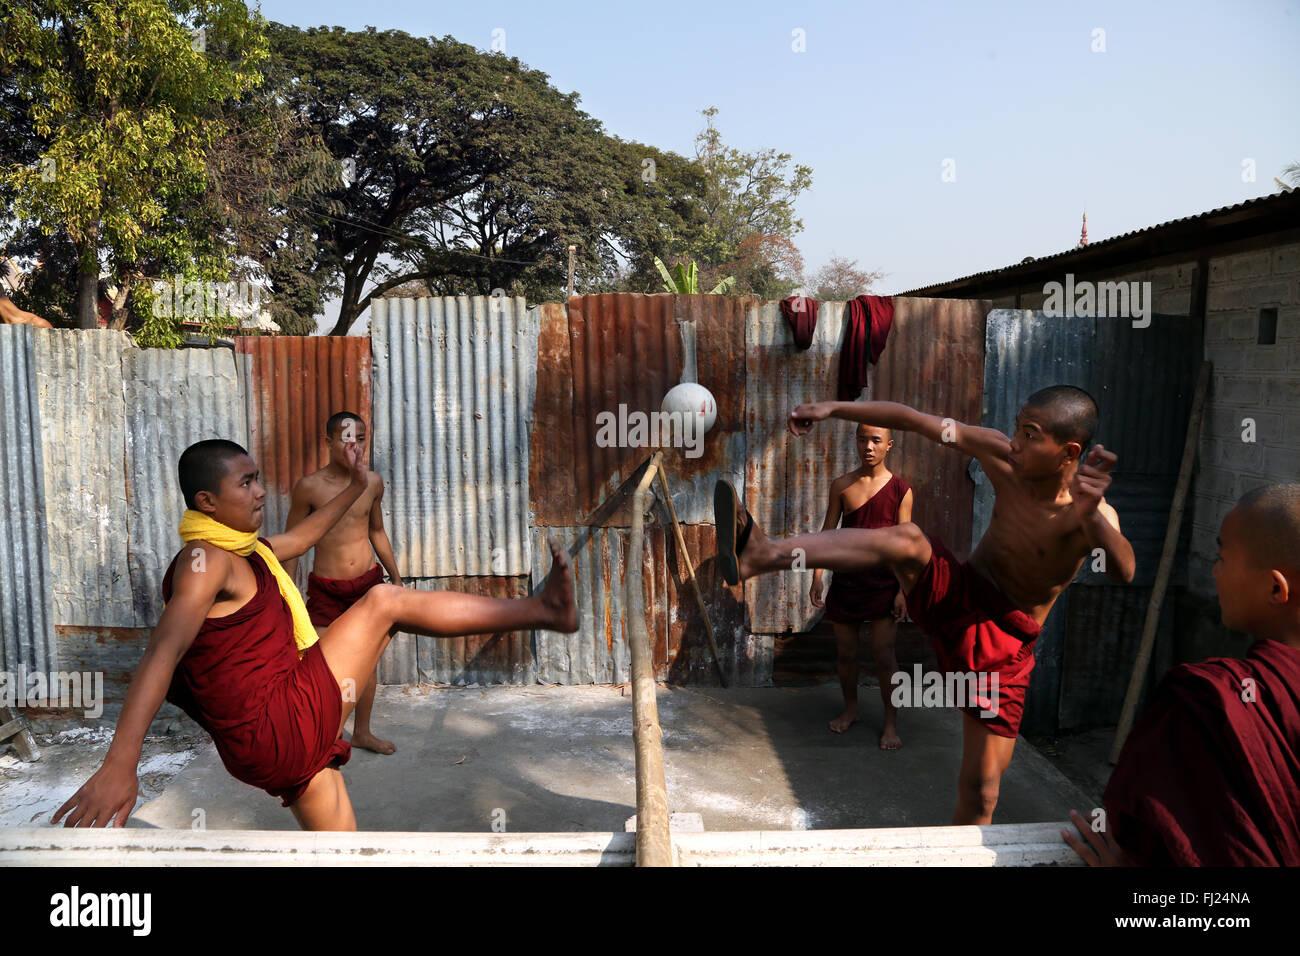 Les moines bouddhistes jouent au football en monastère, à Nyaung Shwe, Myanmar Photo Stock